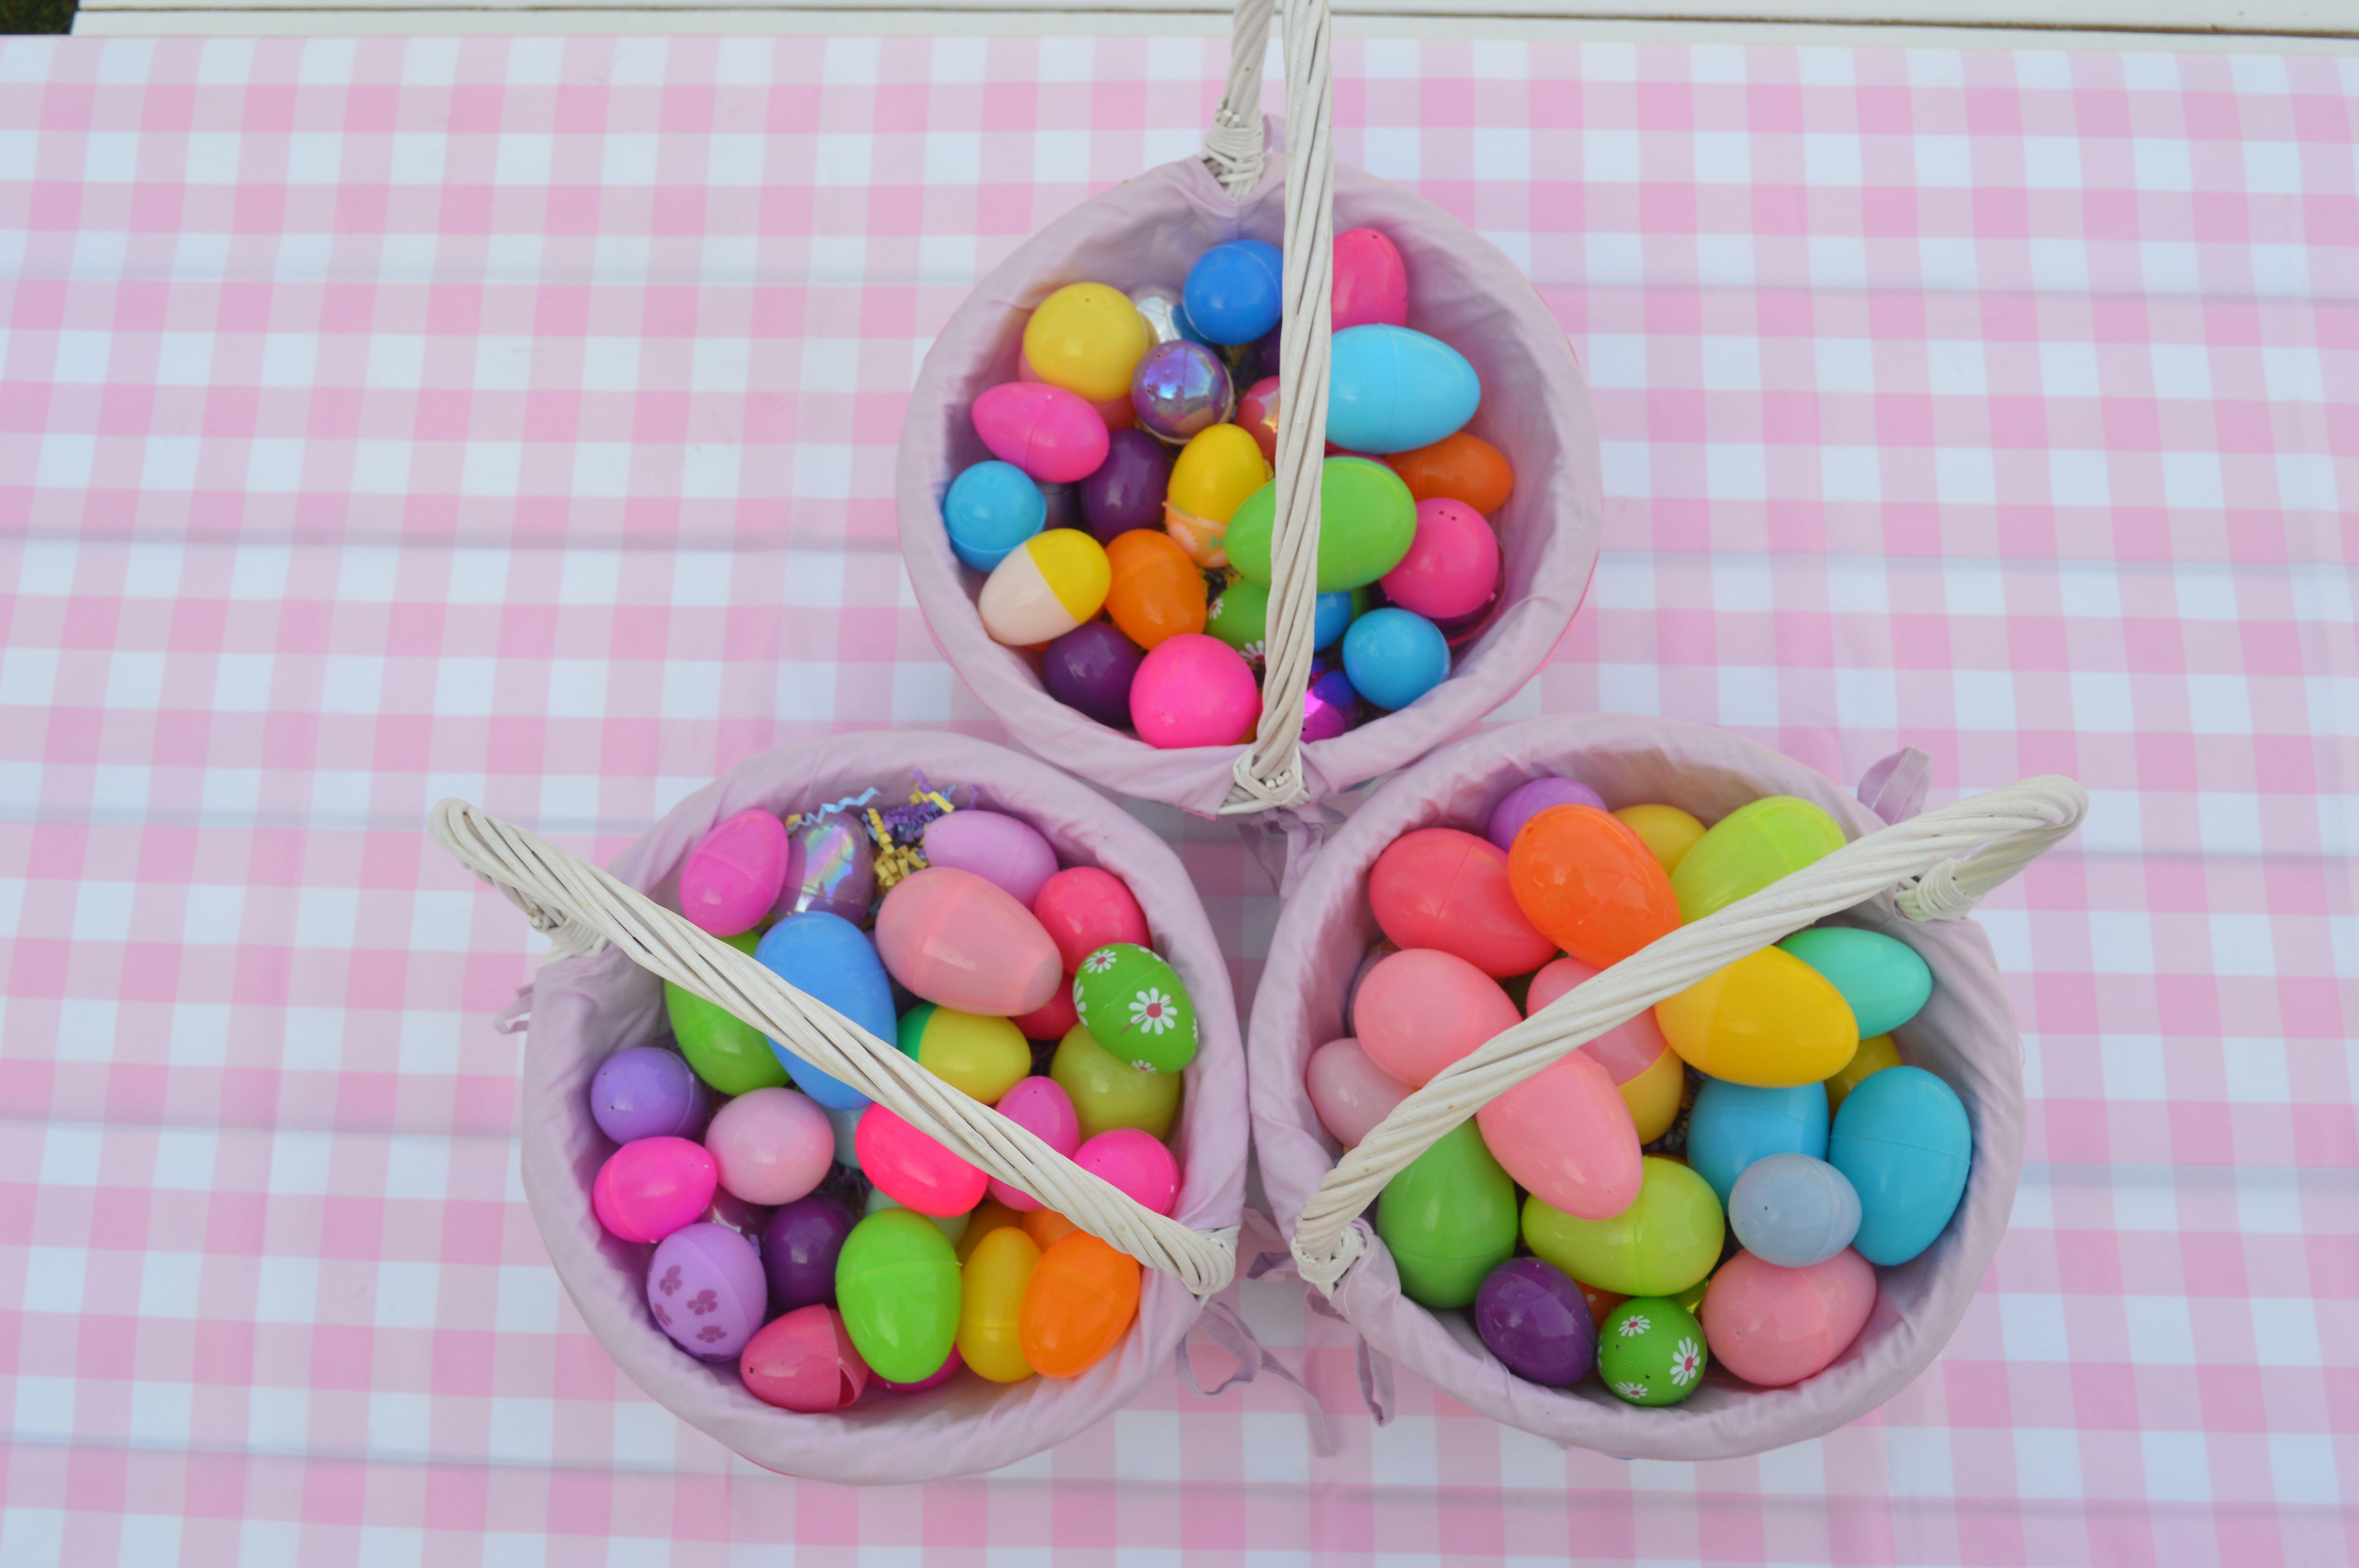 Hoppy Easter Friends of Hoppy easter